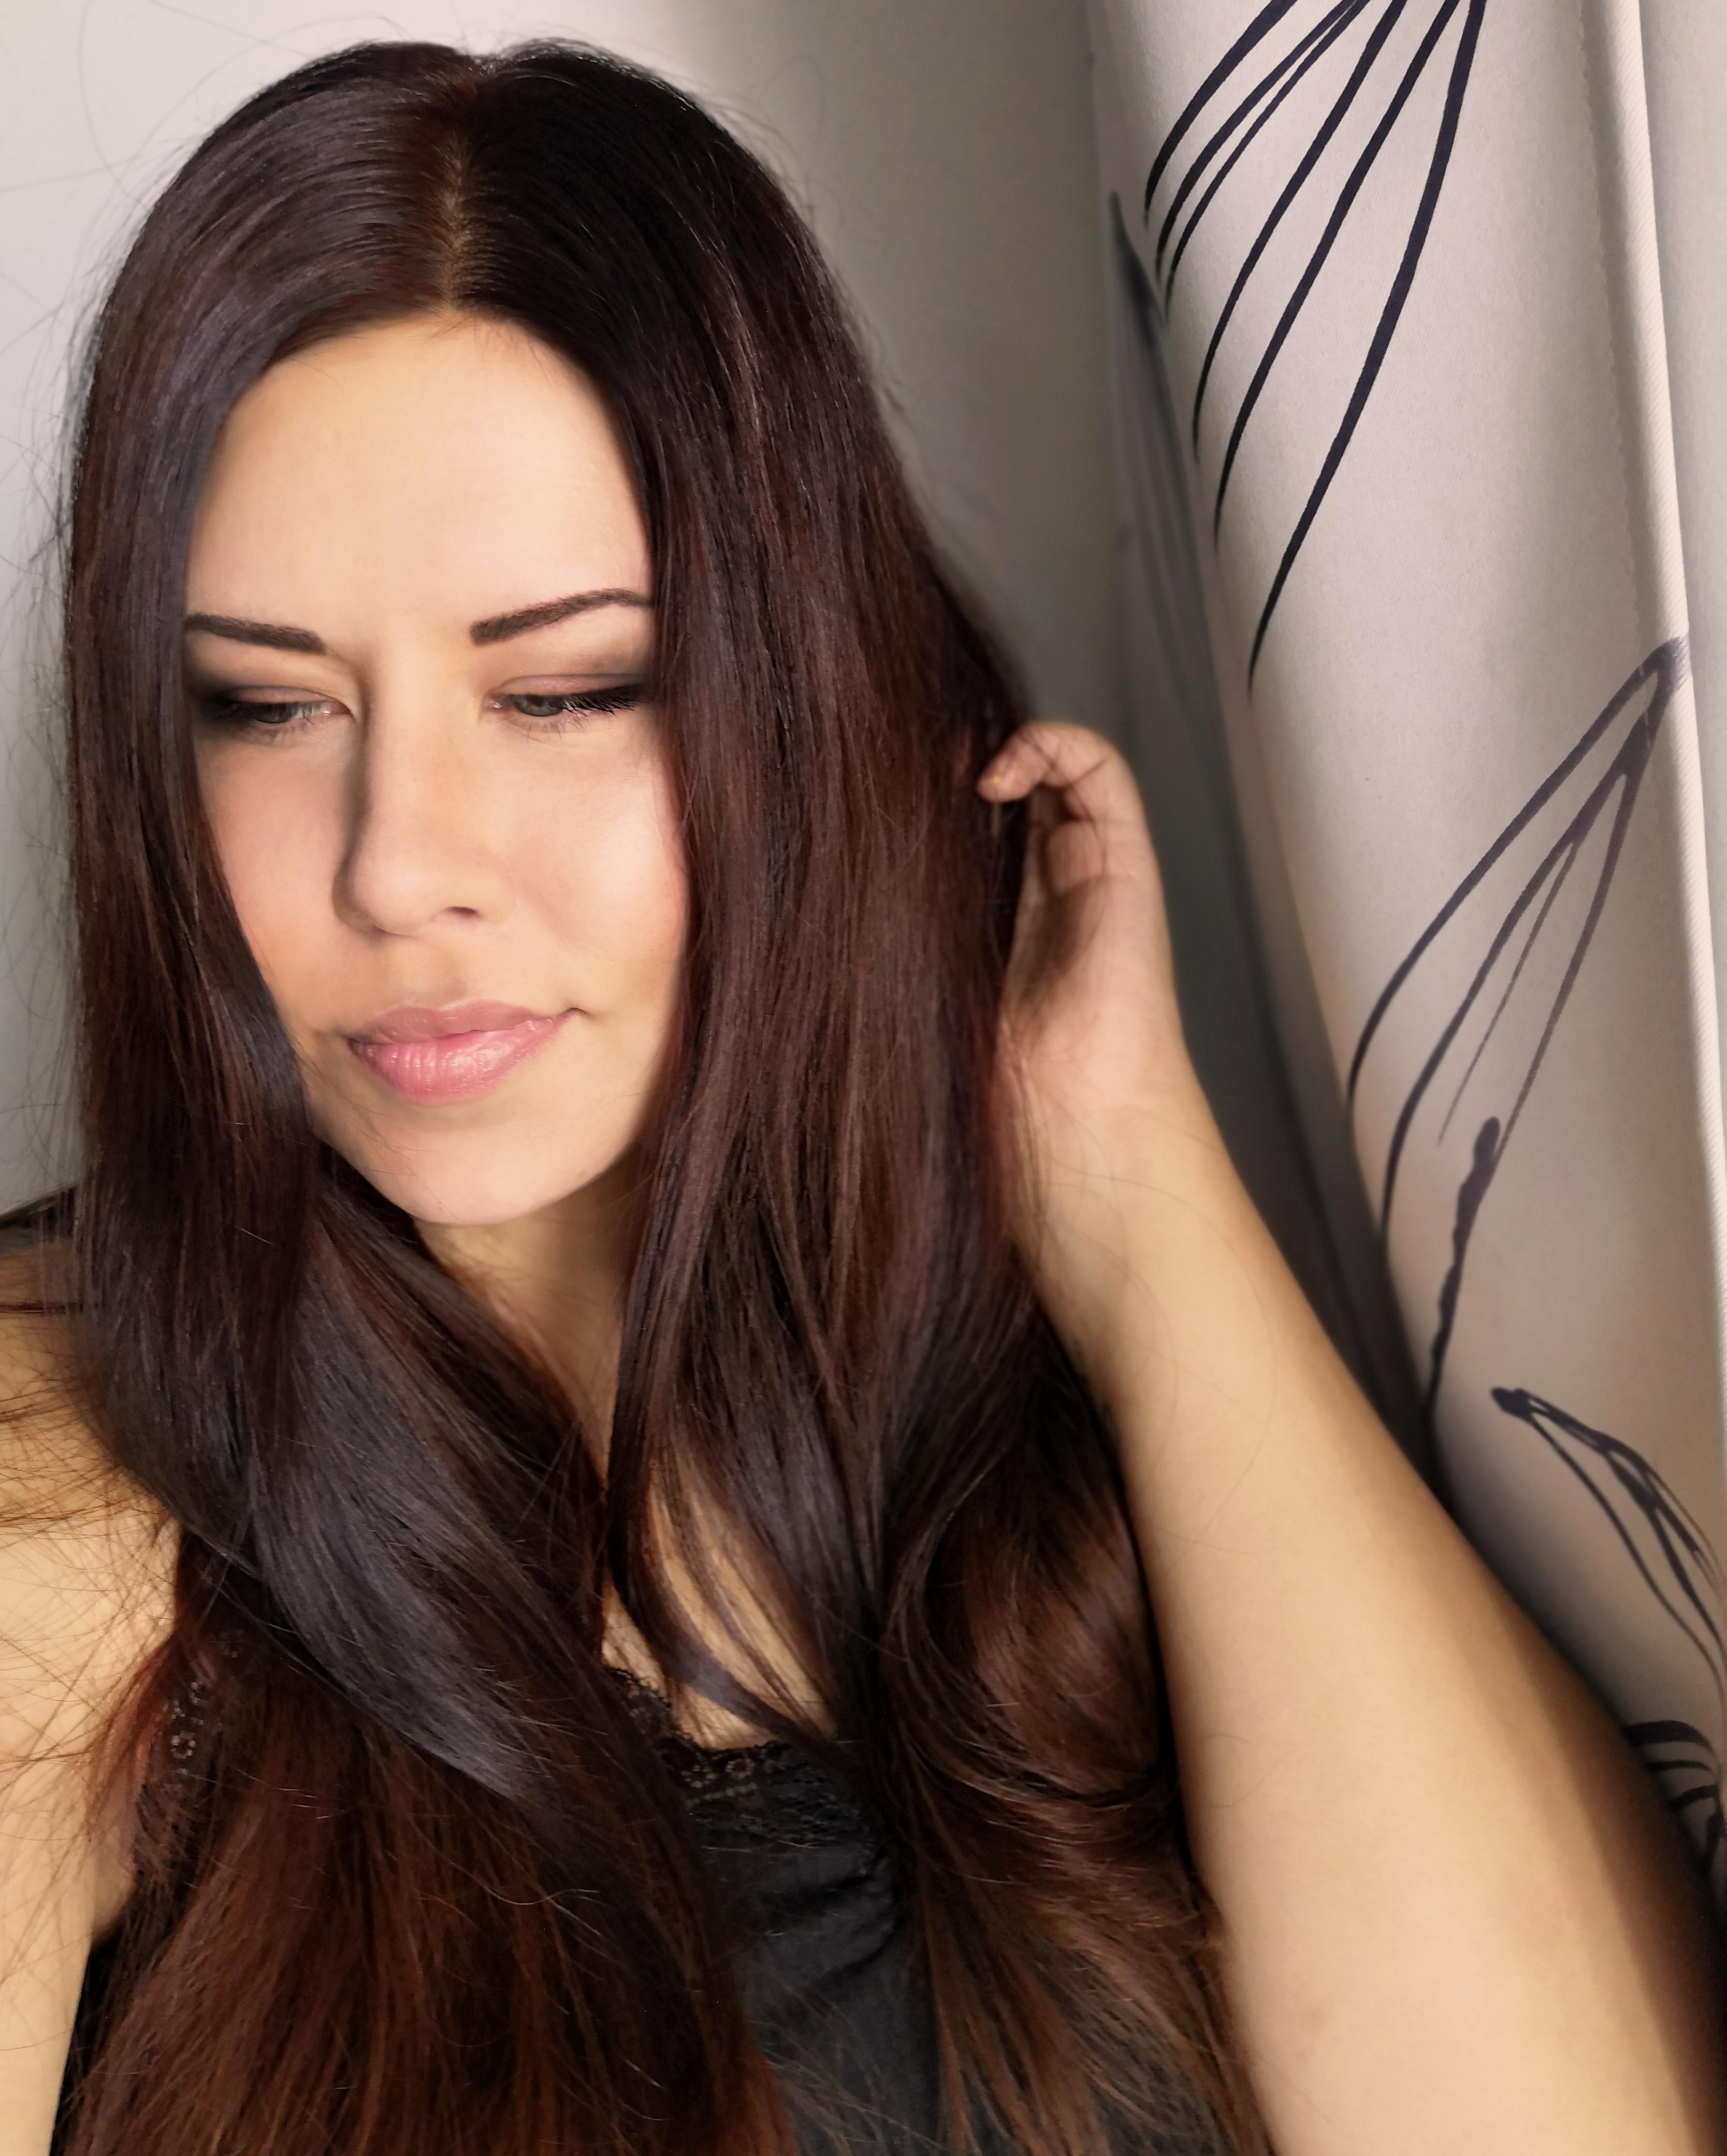 Luonnonkosmetiikkapäivät: Hiustenhoidon uudet suosikit